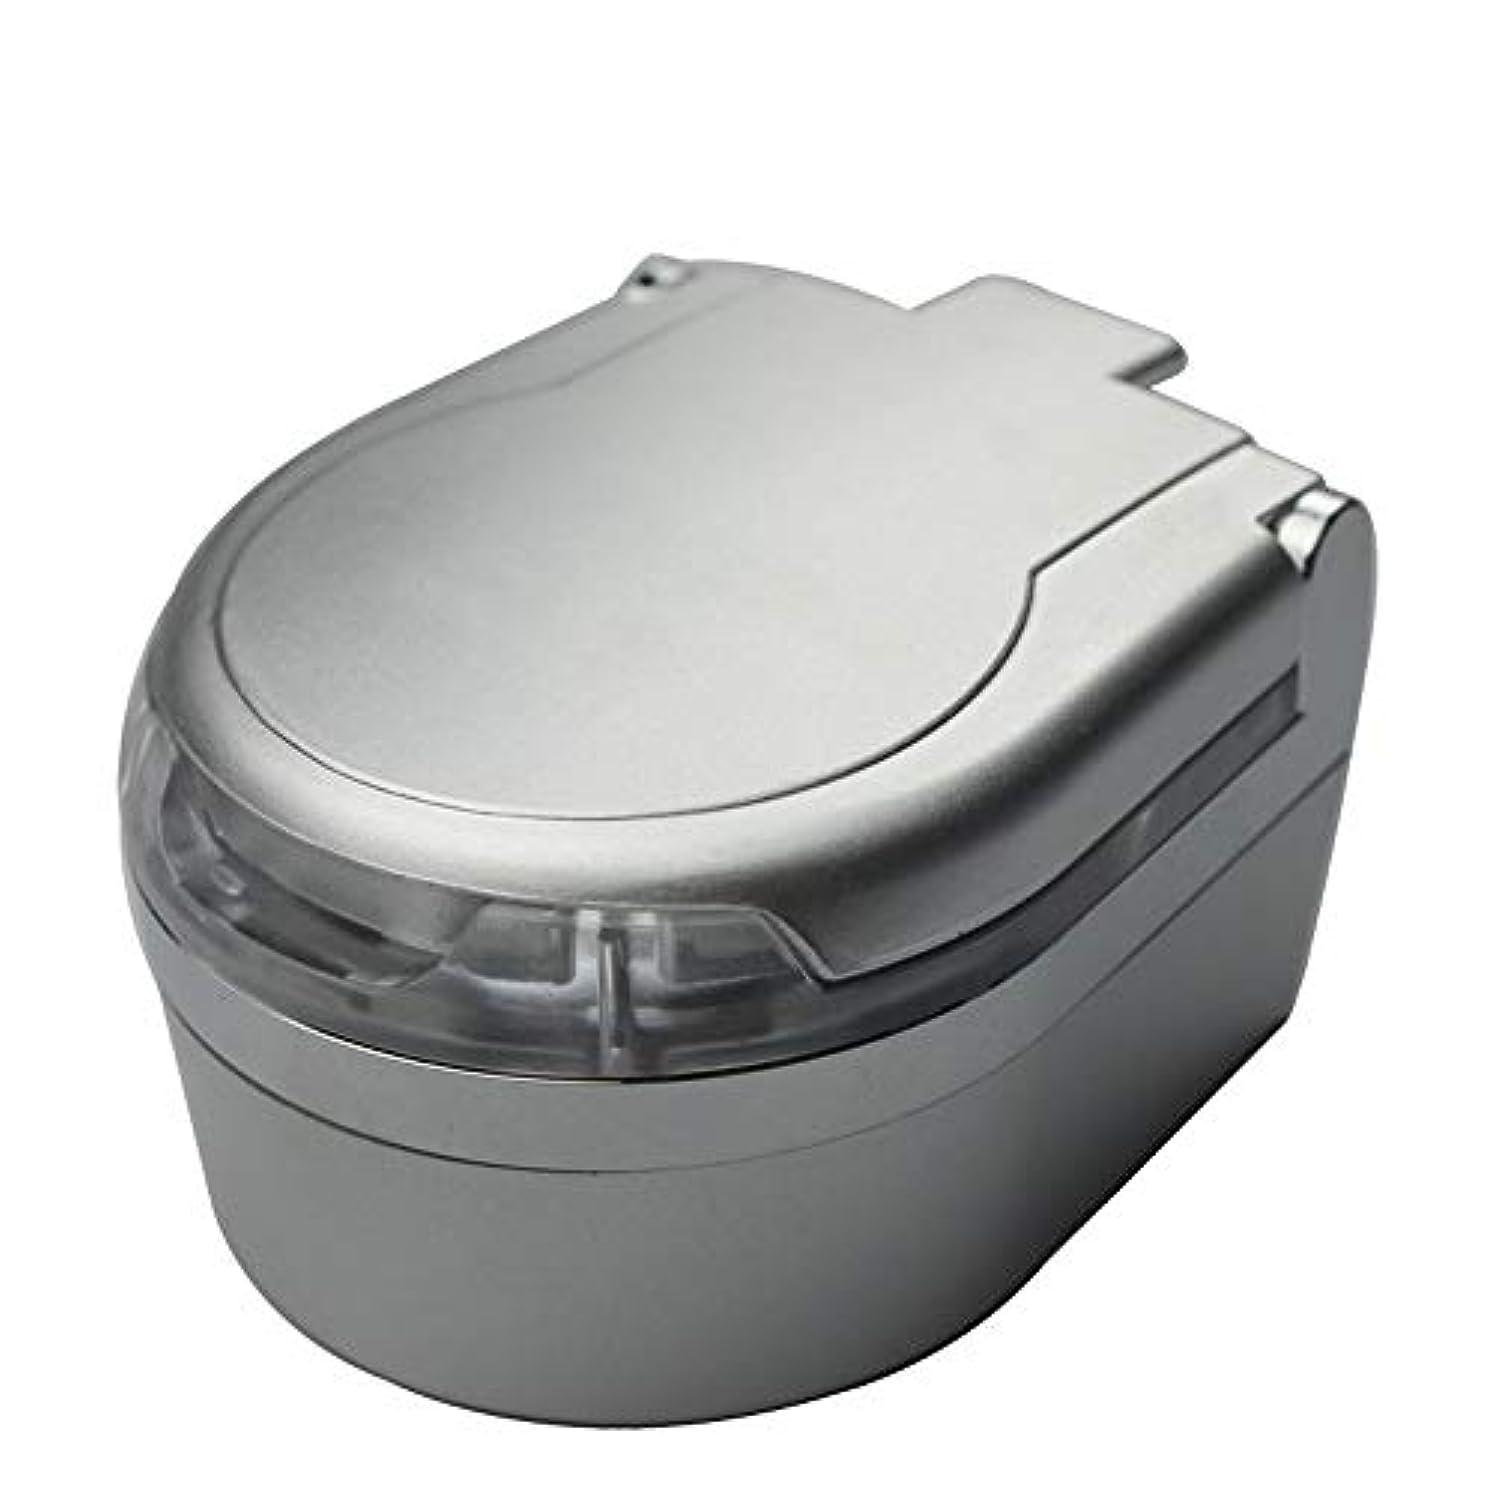 バイオリン桃荒れ地ふた付き3色オプションの車の灰皿クリエイティブ屋外灰皿 (色 : 銀)